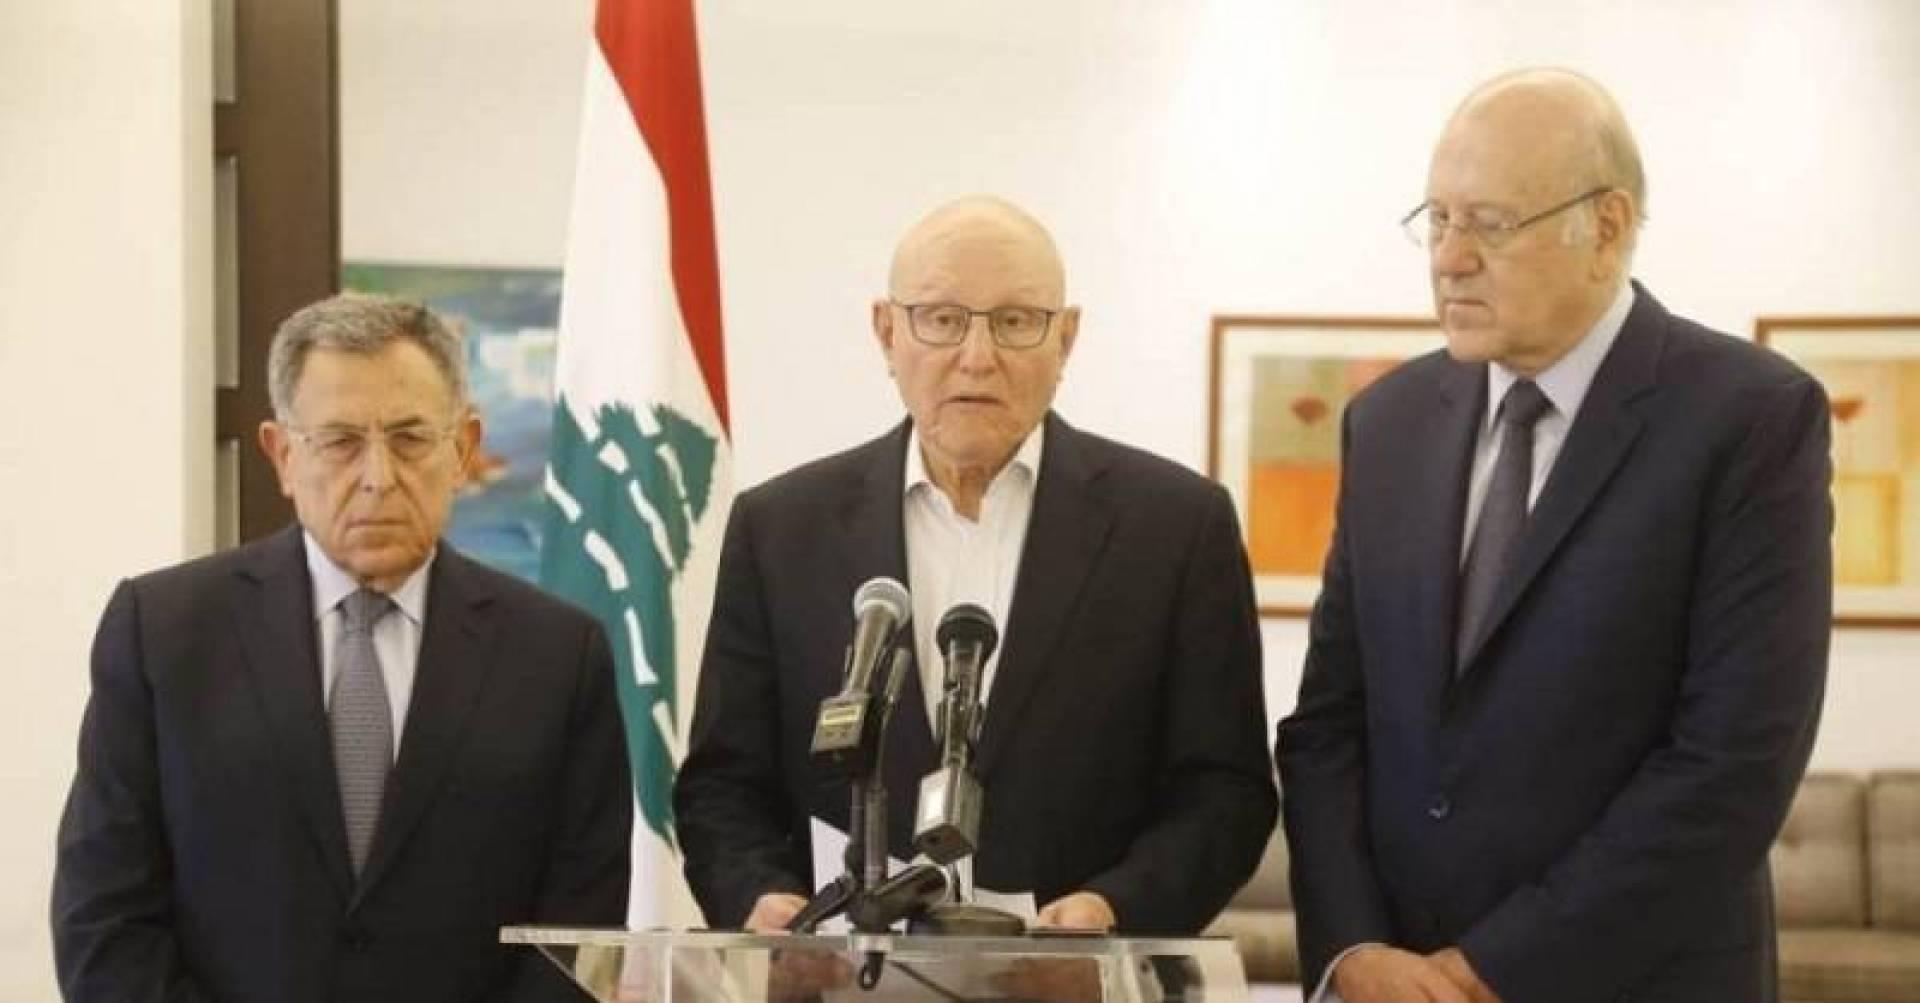 بيان بعد اجتماع لرؤساء الحكومة اللبنانيين السابقين بعد استقالة سعد الحريري